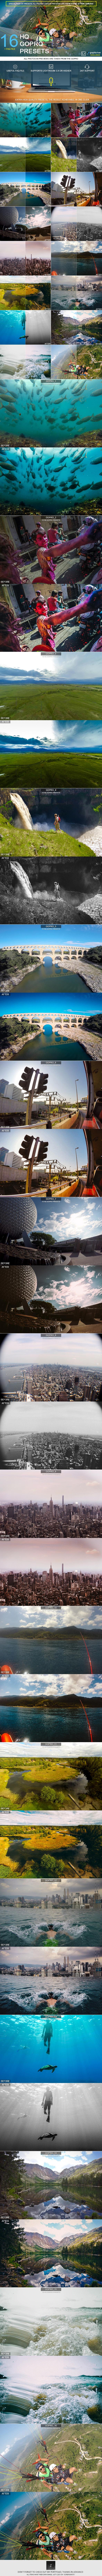 16 HQ GoPro Presets - Landscape Lightroom Presets